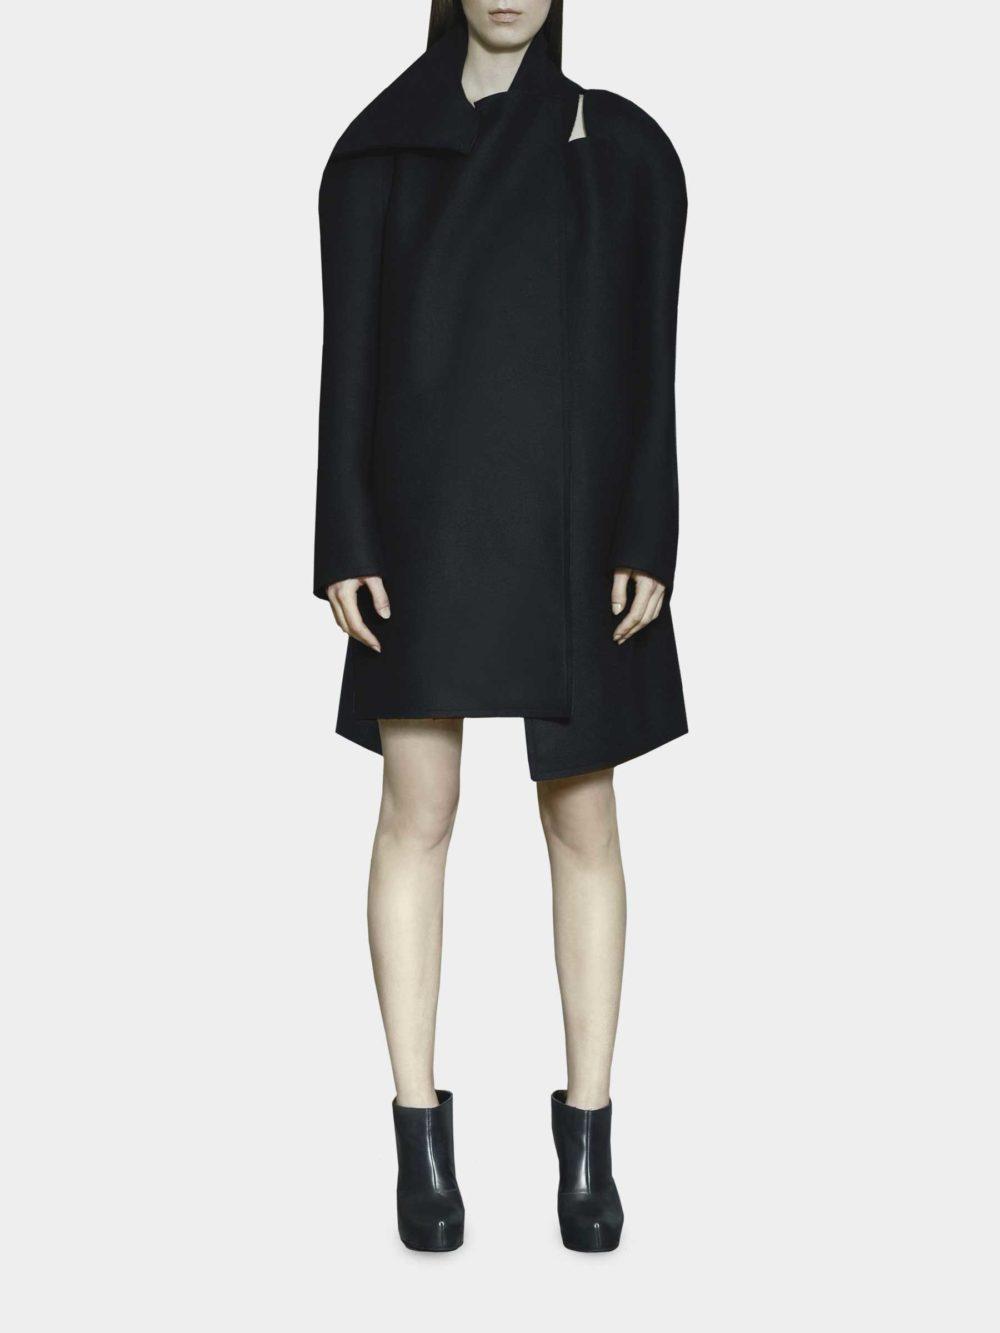 Joanna Organisciak Black Asymmetrical Coat